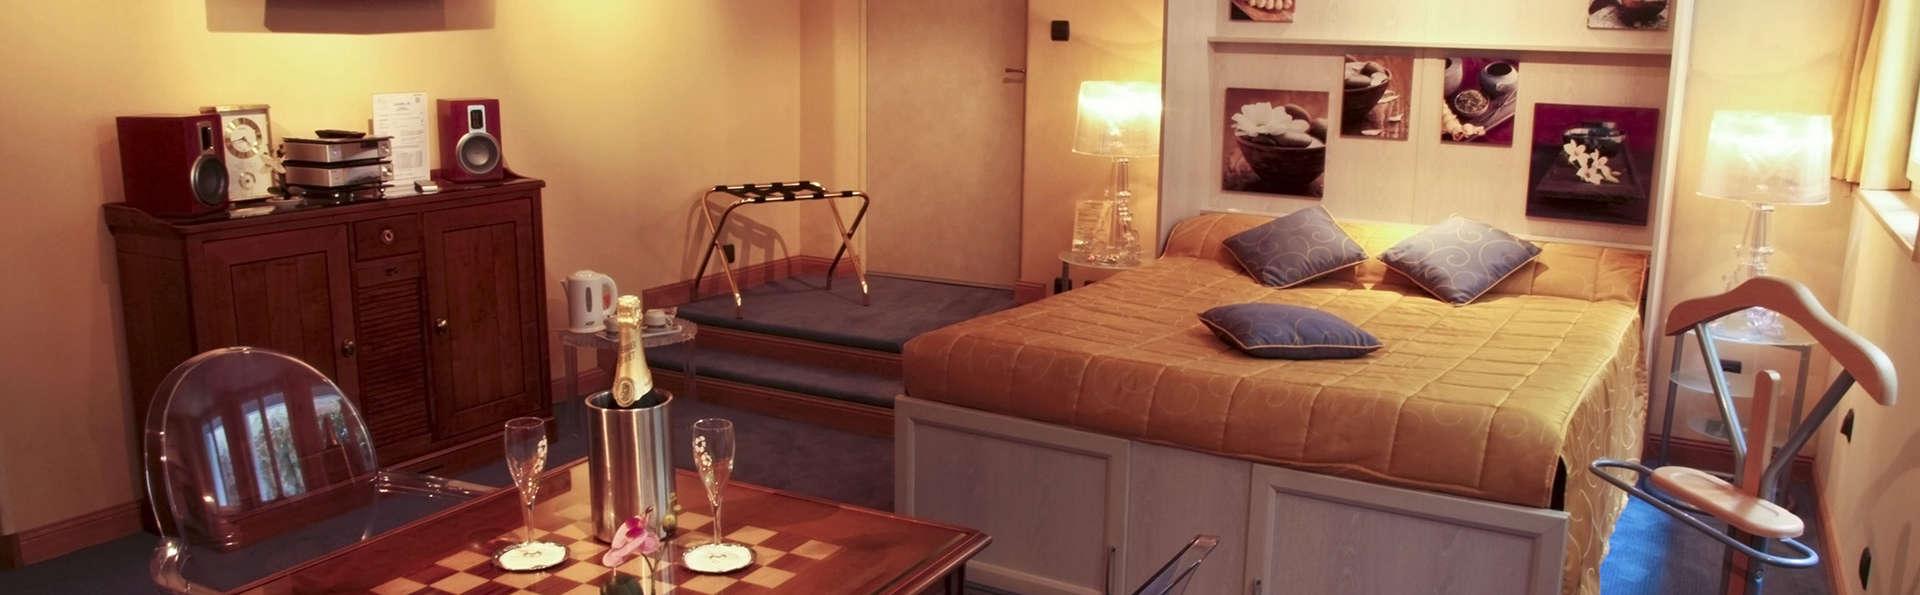 Week-end romantique en chambre VIP à Saint-Brieuc